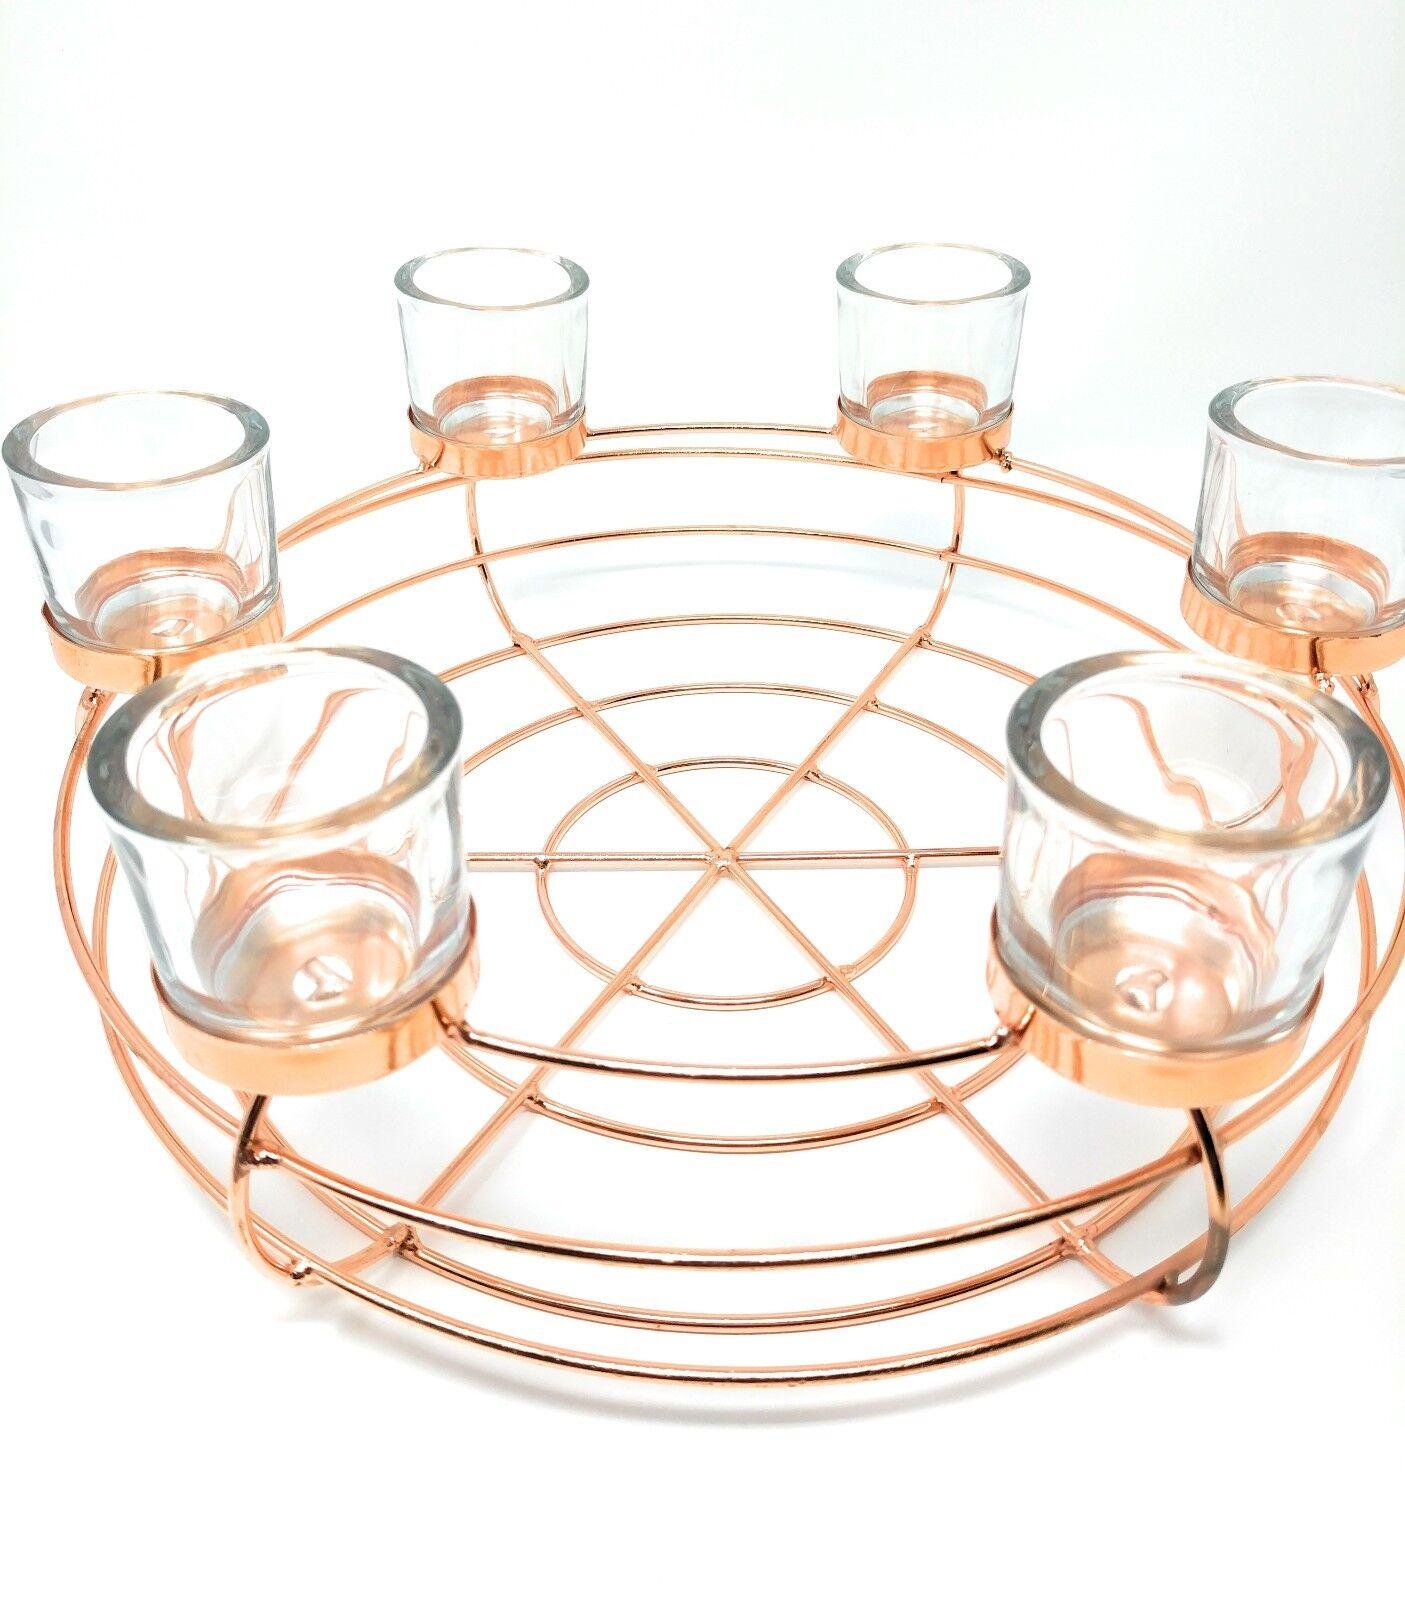 Kerzenhalter Kupfer Rund Teelichthalter Größe  30 30 30 x 30cm  | Modern Und Elegant  b0d9ac